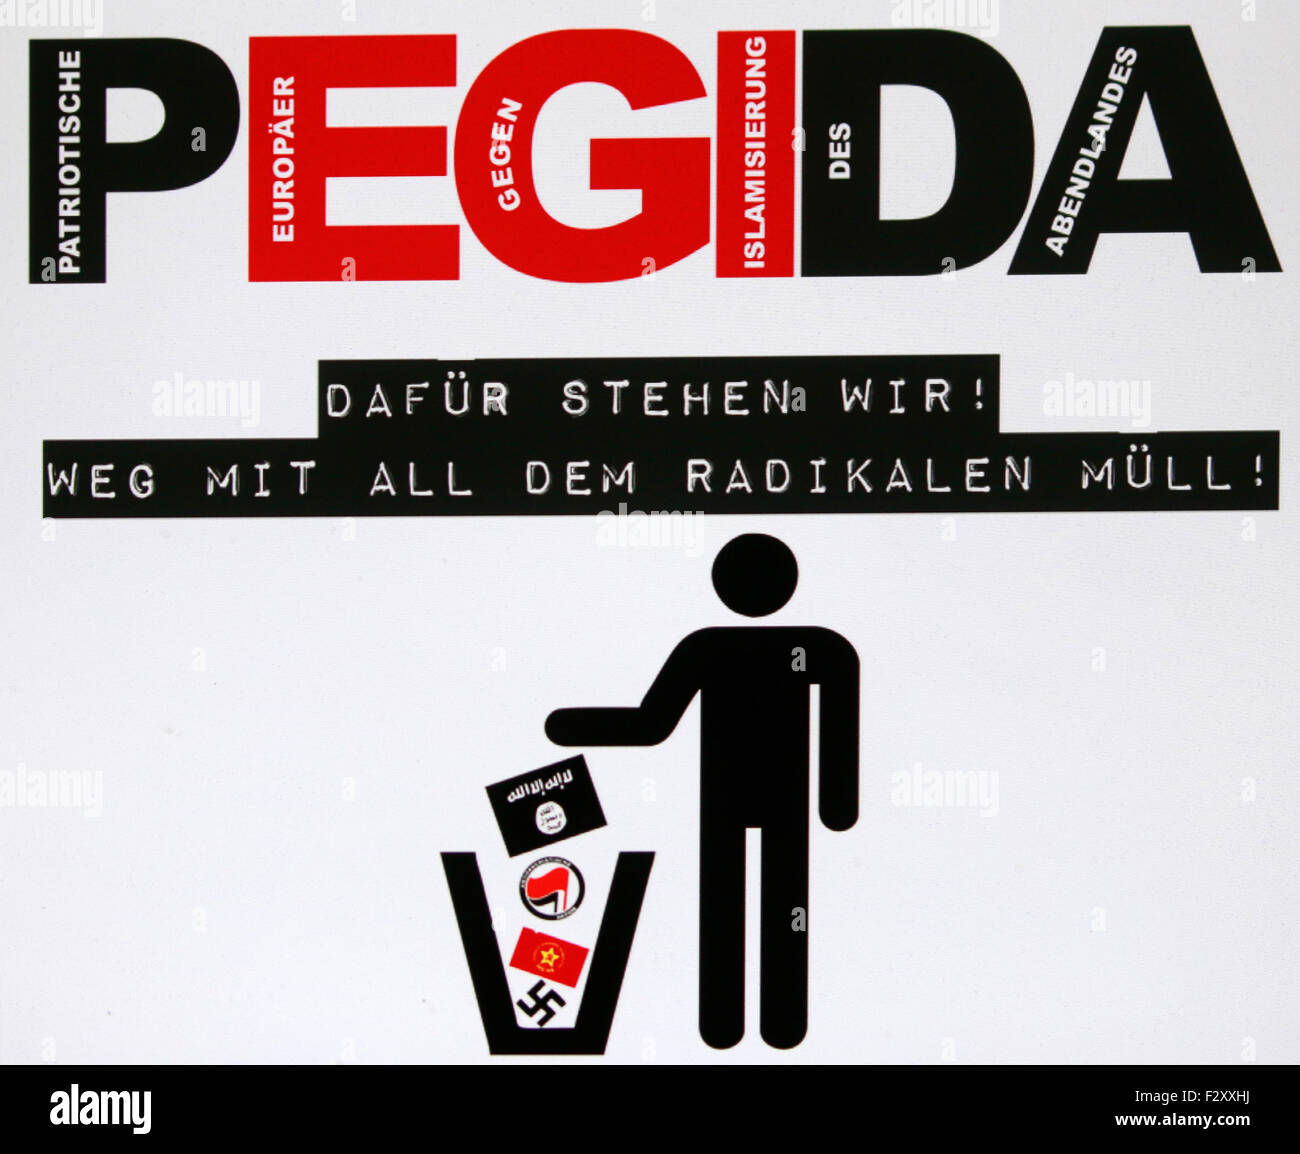 das Logo der islamkritischen 'Pegida'-Bewegung, Berlin. - Stock Image